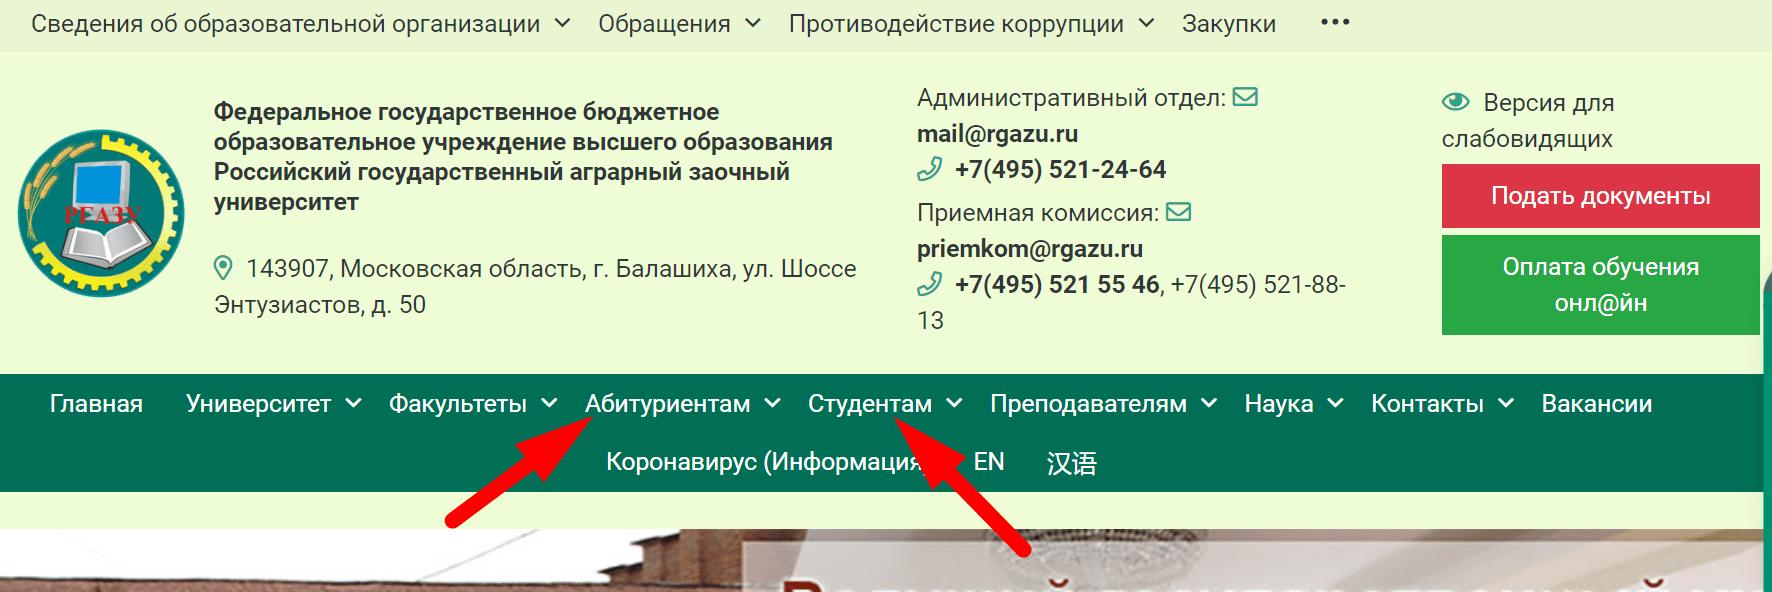 Официальный сайт университета «РГАЗУ»